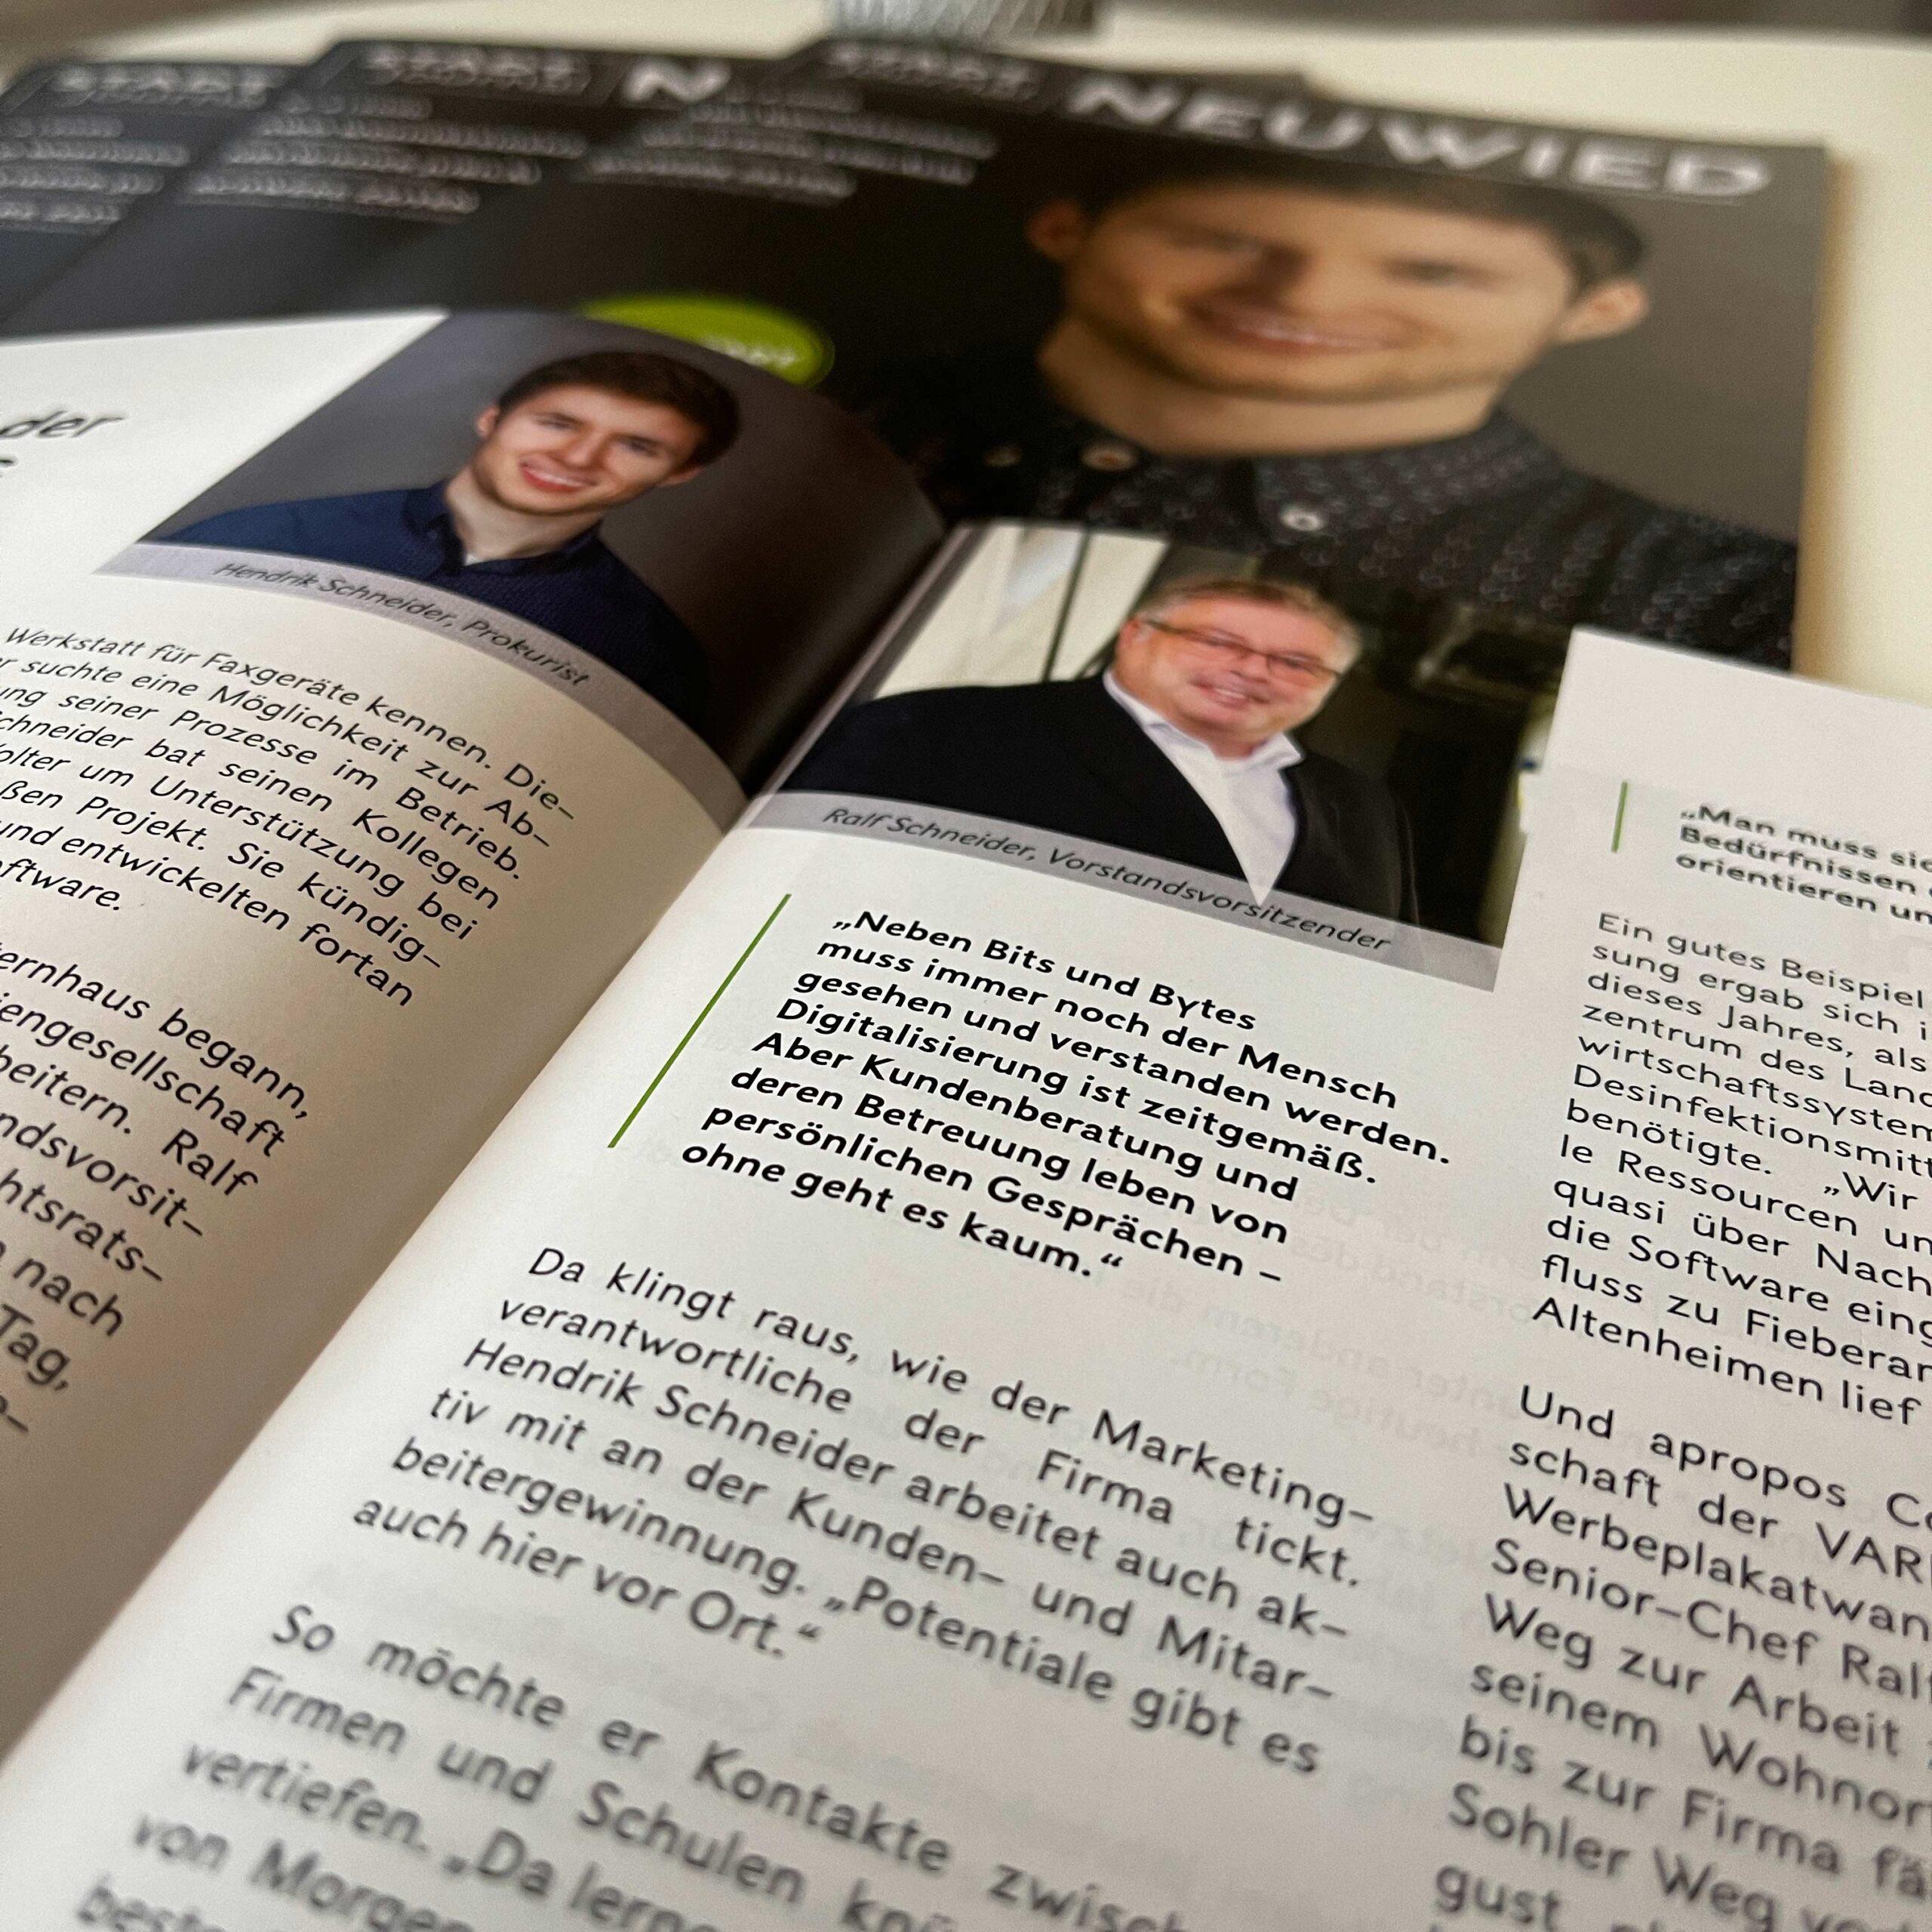 Zwei lächelnde Männer in einer Zeitschrift und ein Zitat